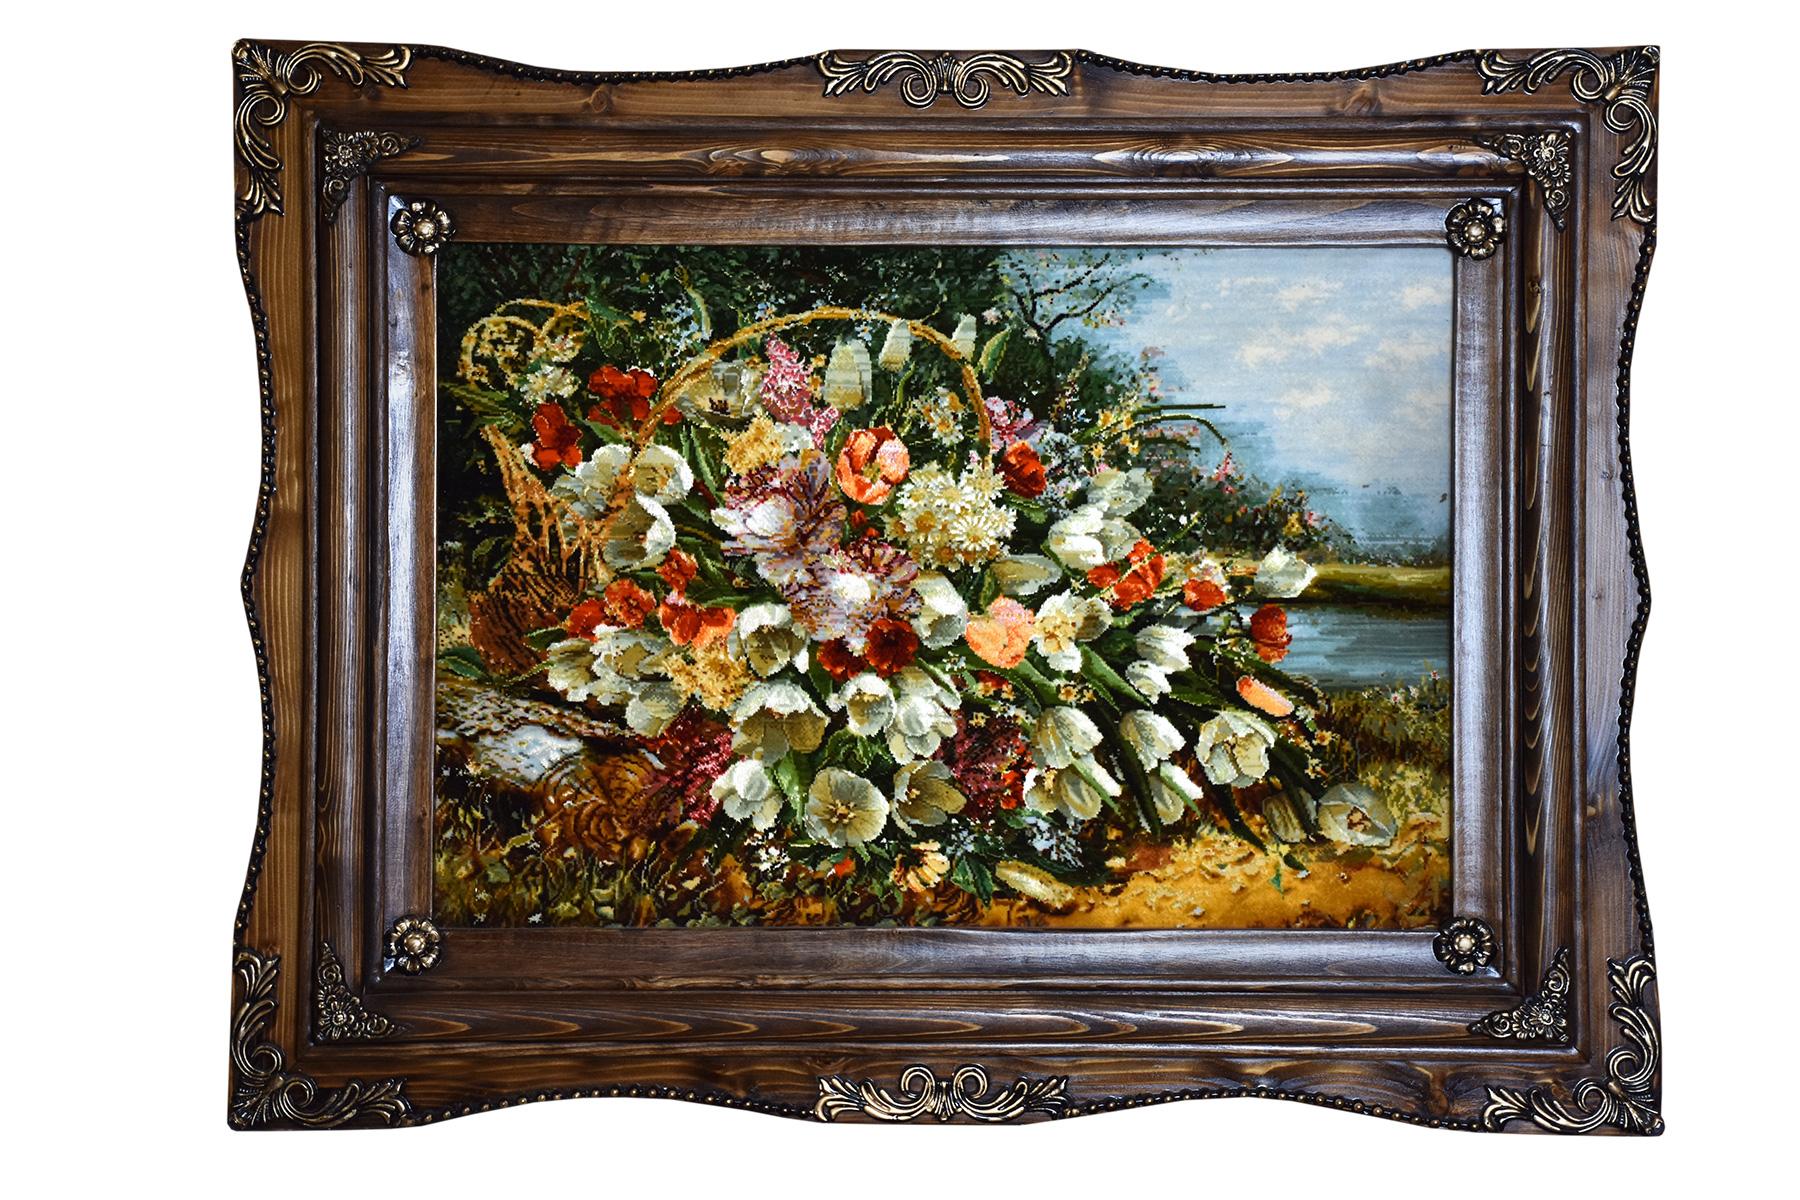 تابلو فرش دستباف سبد گل های رنگارنگ